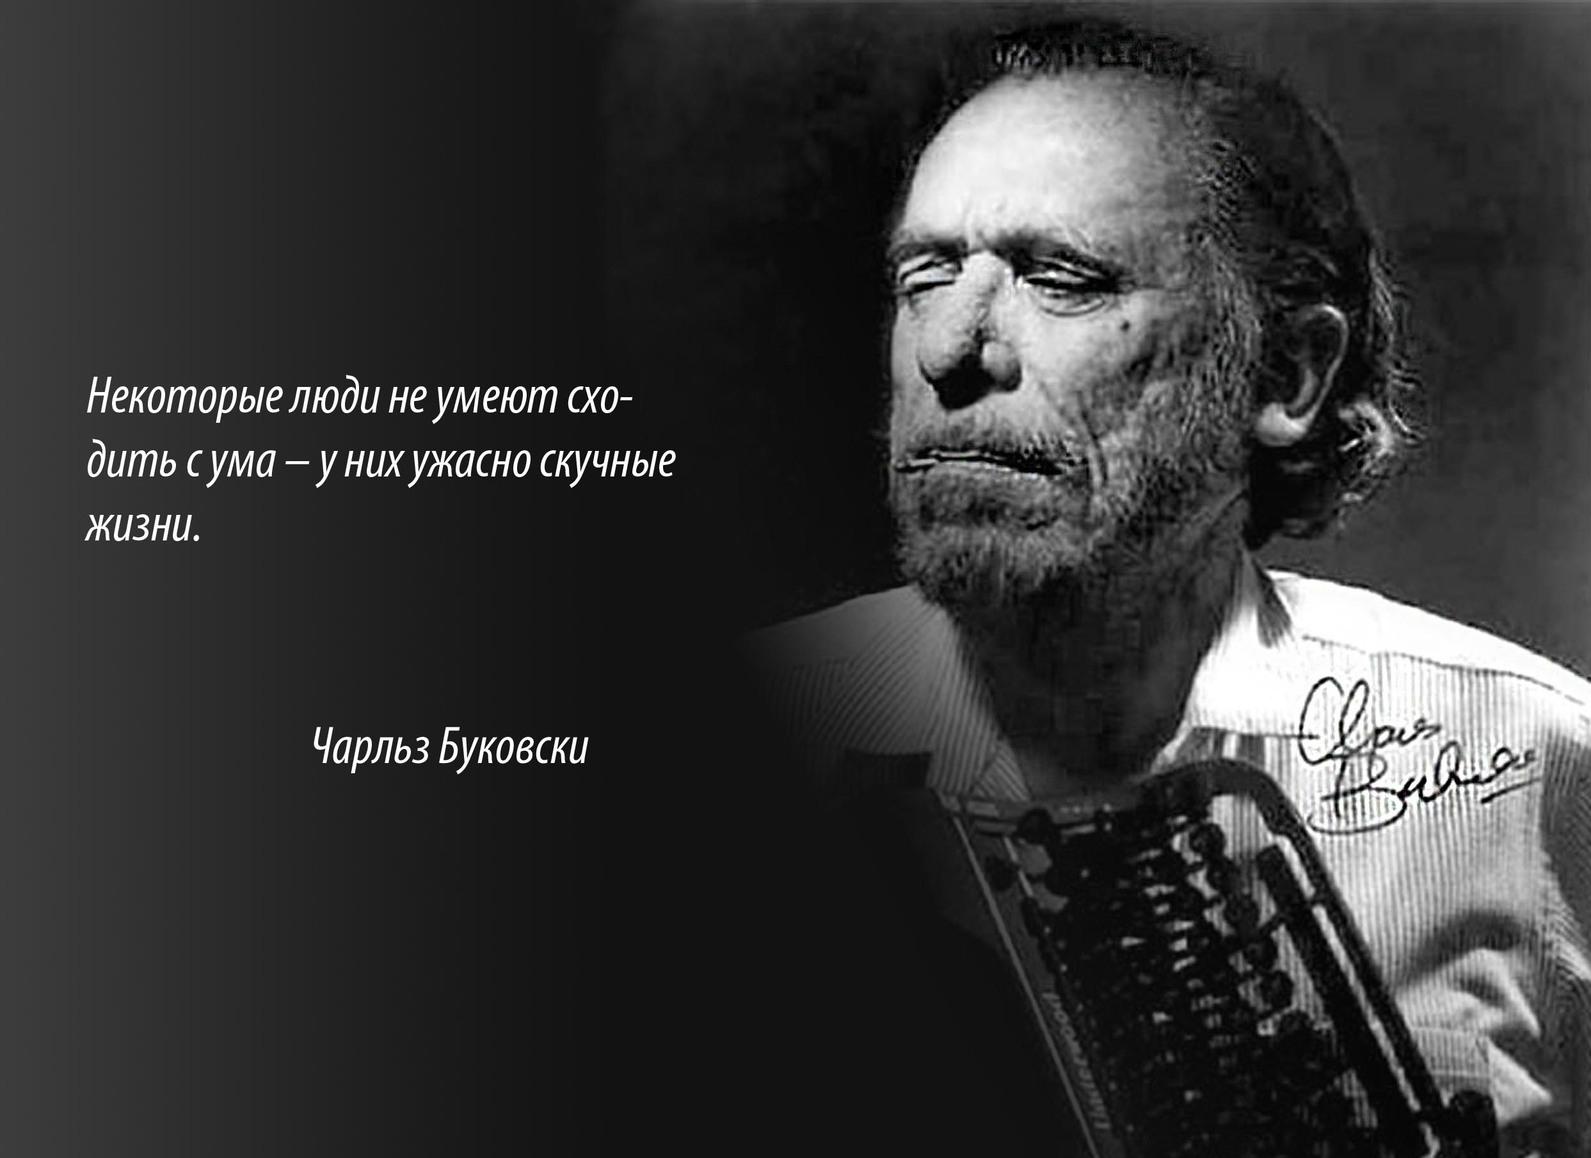 Портрет и афоризм Чарльза Буковски